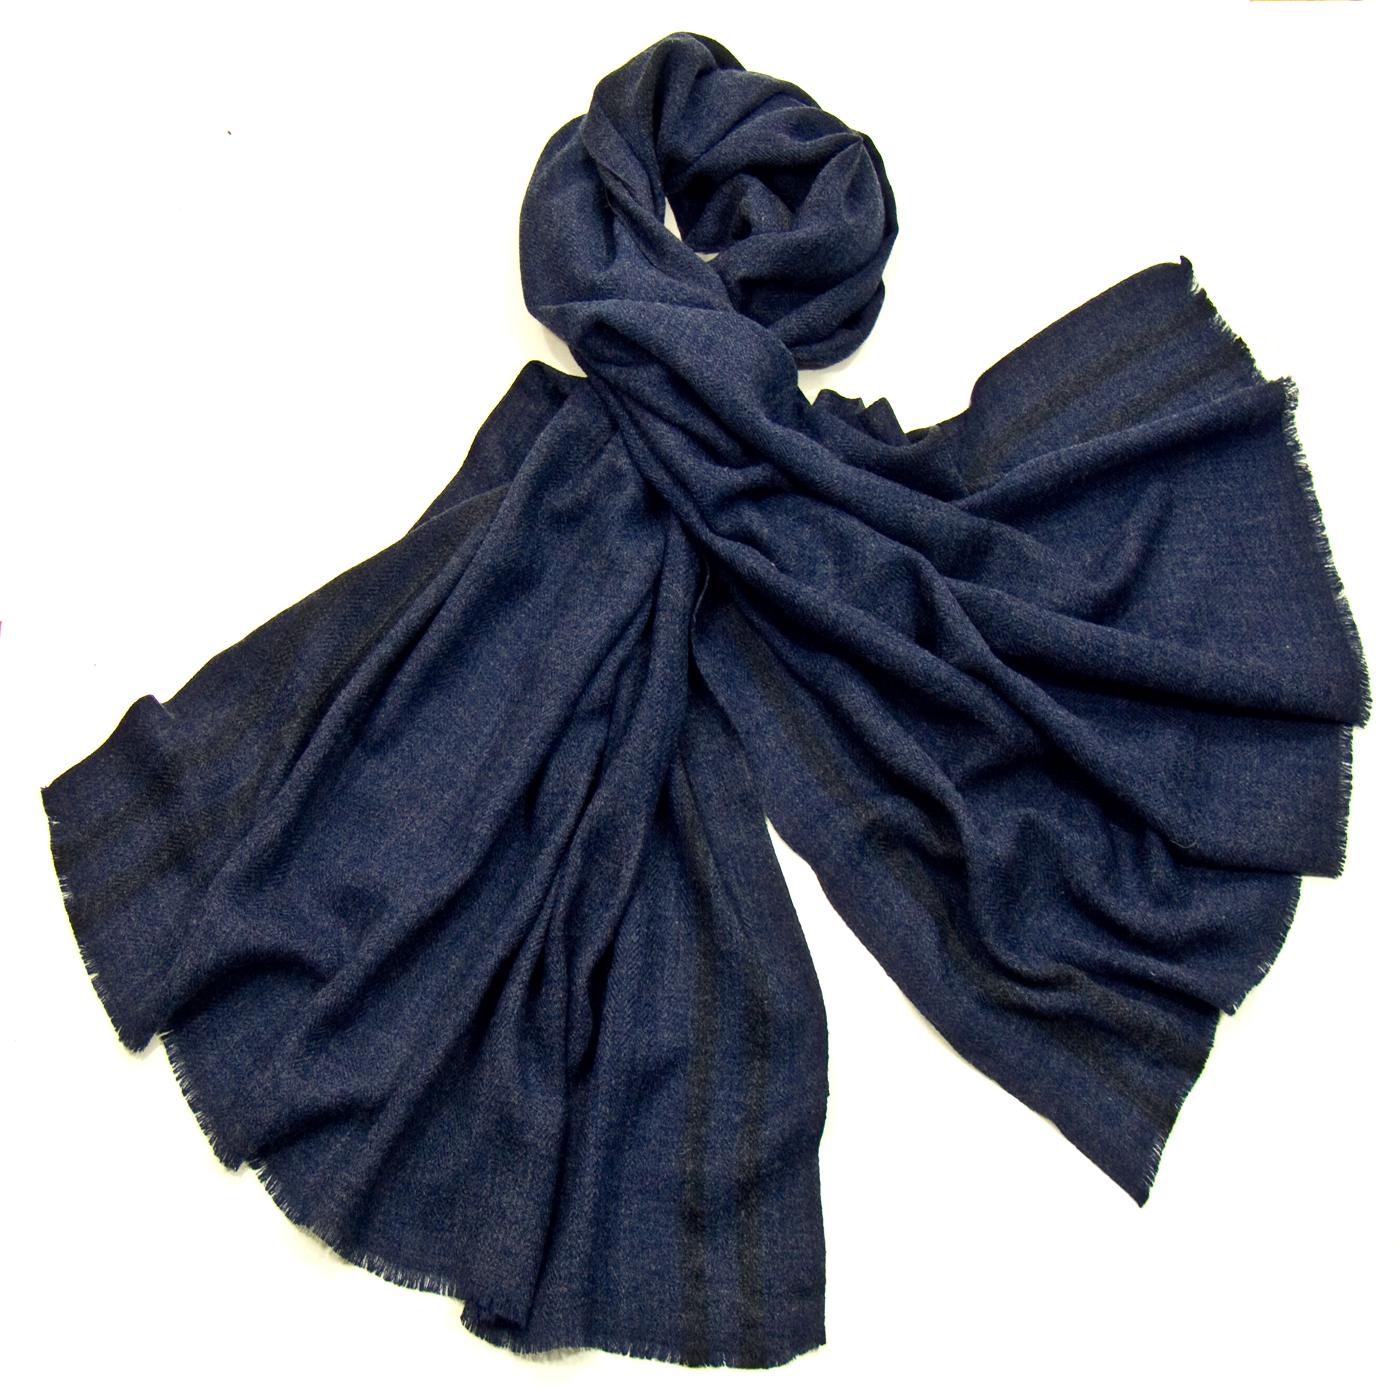 Etole laine fine bleu marine tissée avec rayures - Etole laine - Mes  Echarpes 8f638a149cd